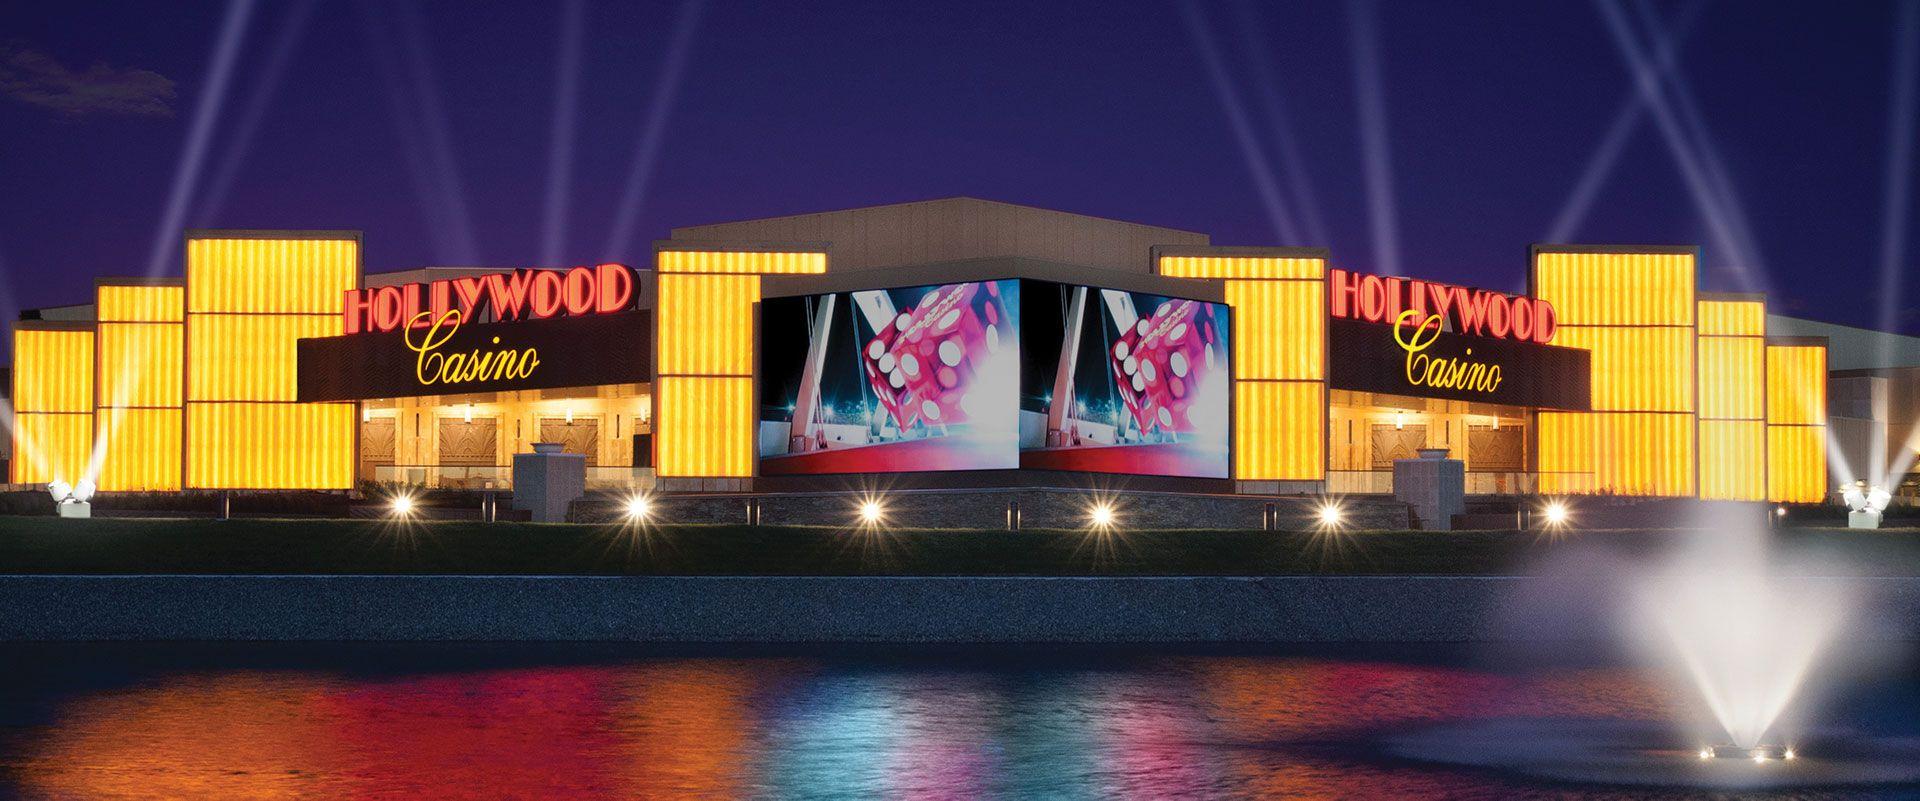 The Biggest & Best Casino in Ohio Hollywood Casino